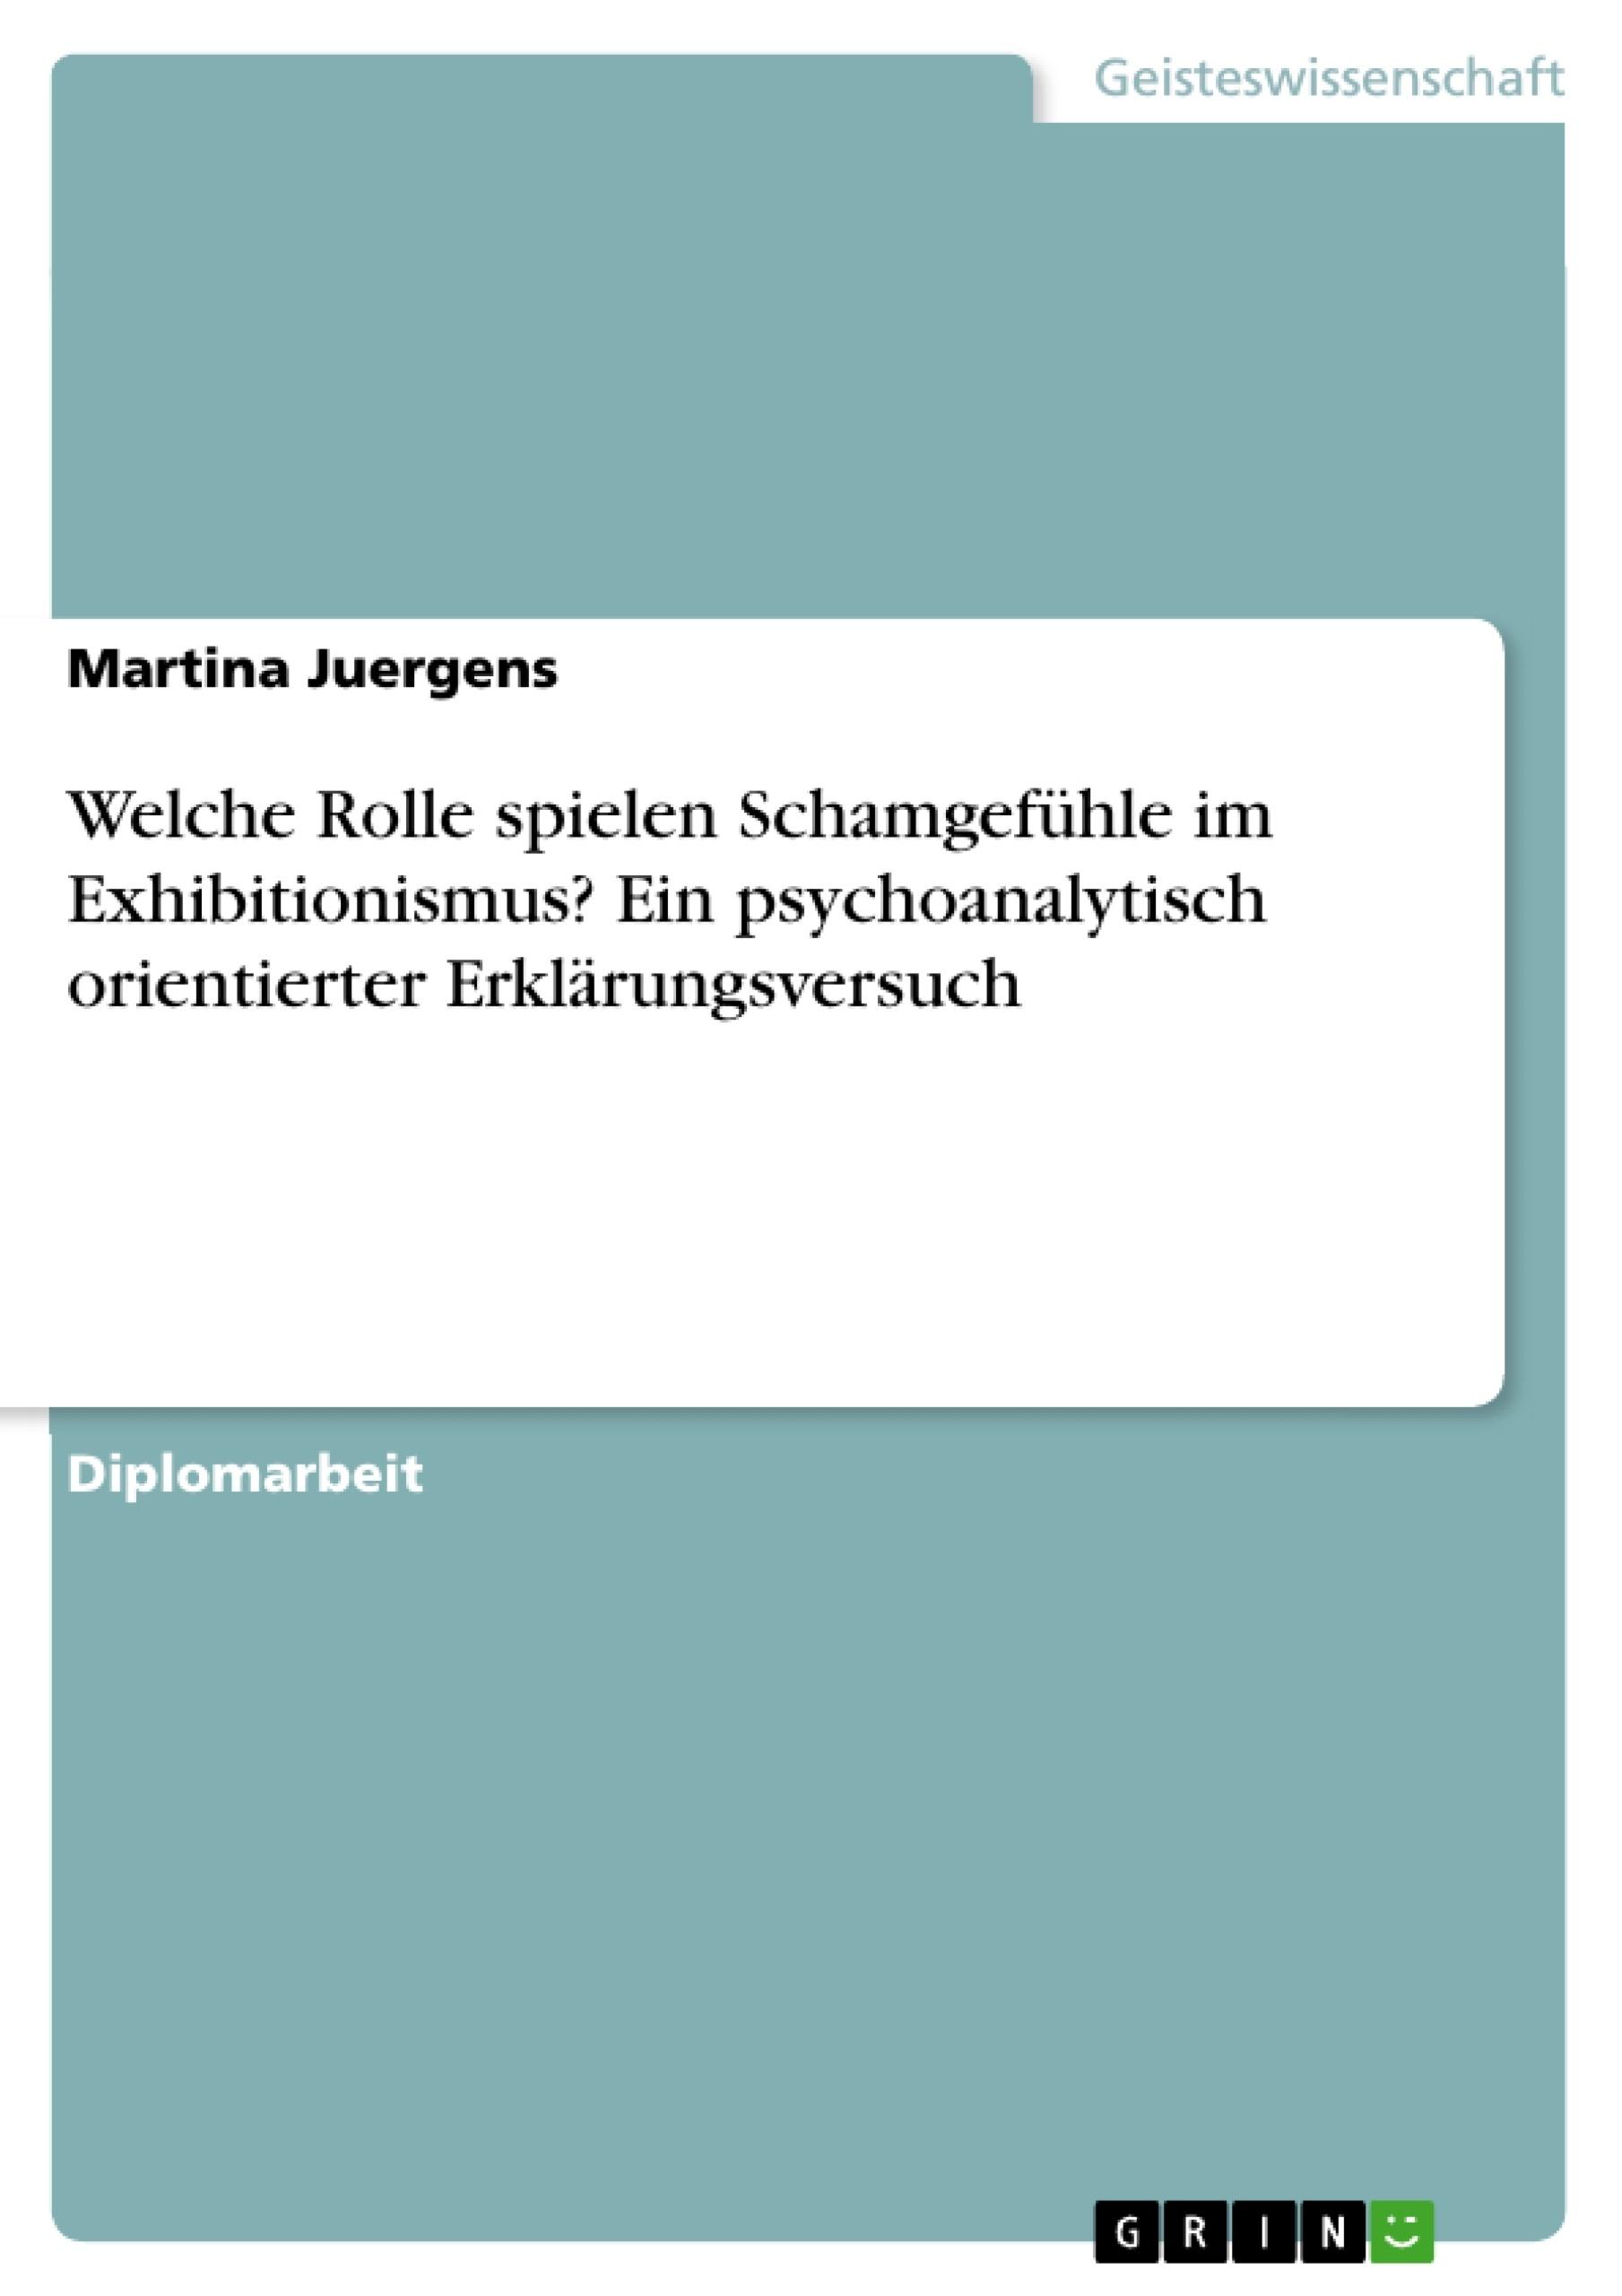 Titel: Welche Rolle spielen Schamgefühle im Exhibitionismus? Ein psychoanalytisch orientierter Erklärungsversuch